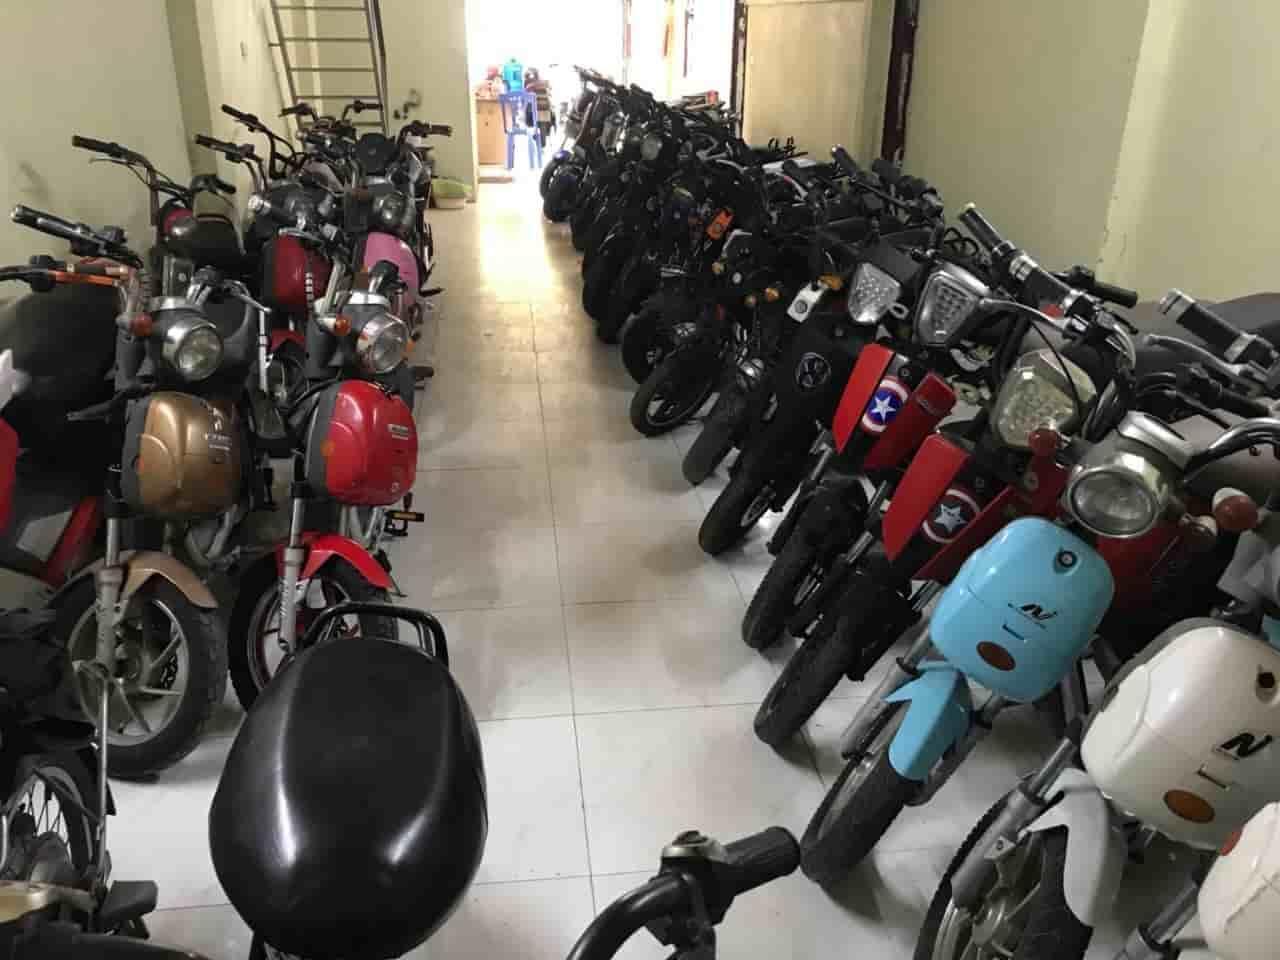 xe đạp điện cũ tại tỉnh Quảng Ninh